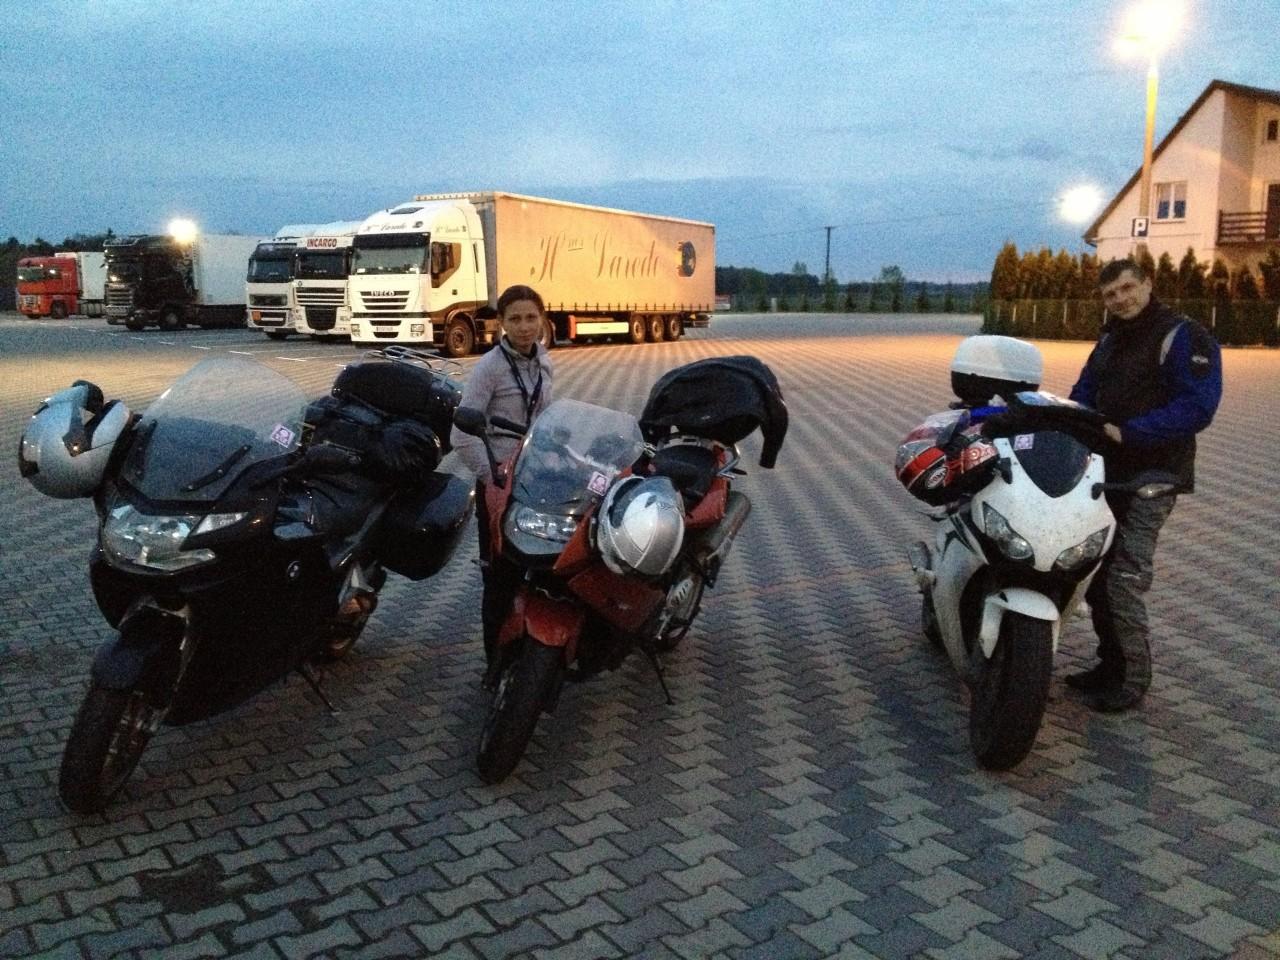 Самые интересные статьи из мира мотоциклов Как выбрать мотоциклКакими бывают мотоциклы